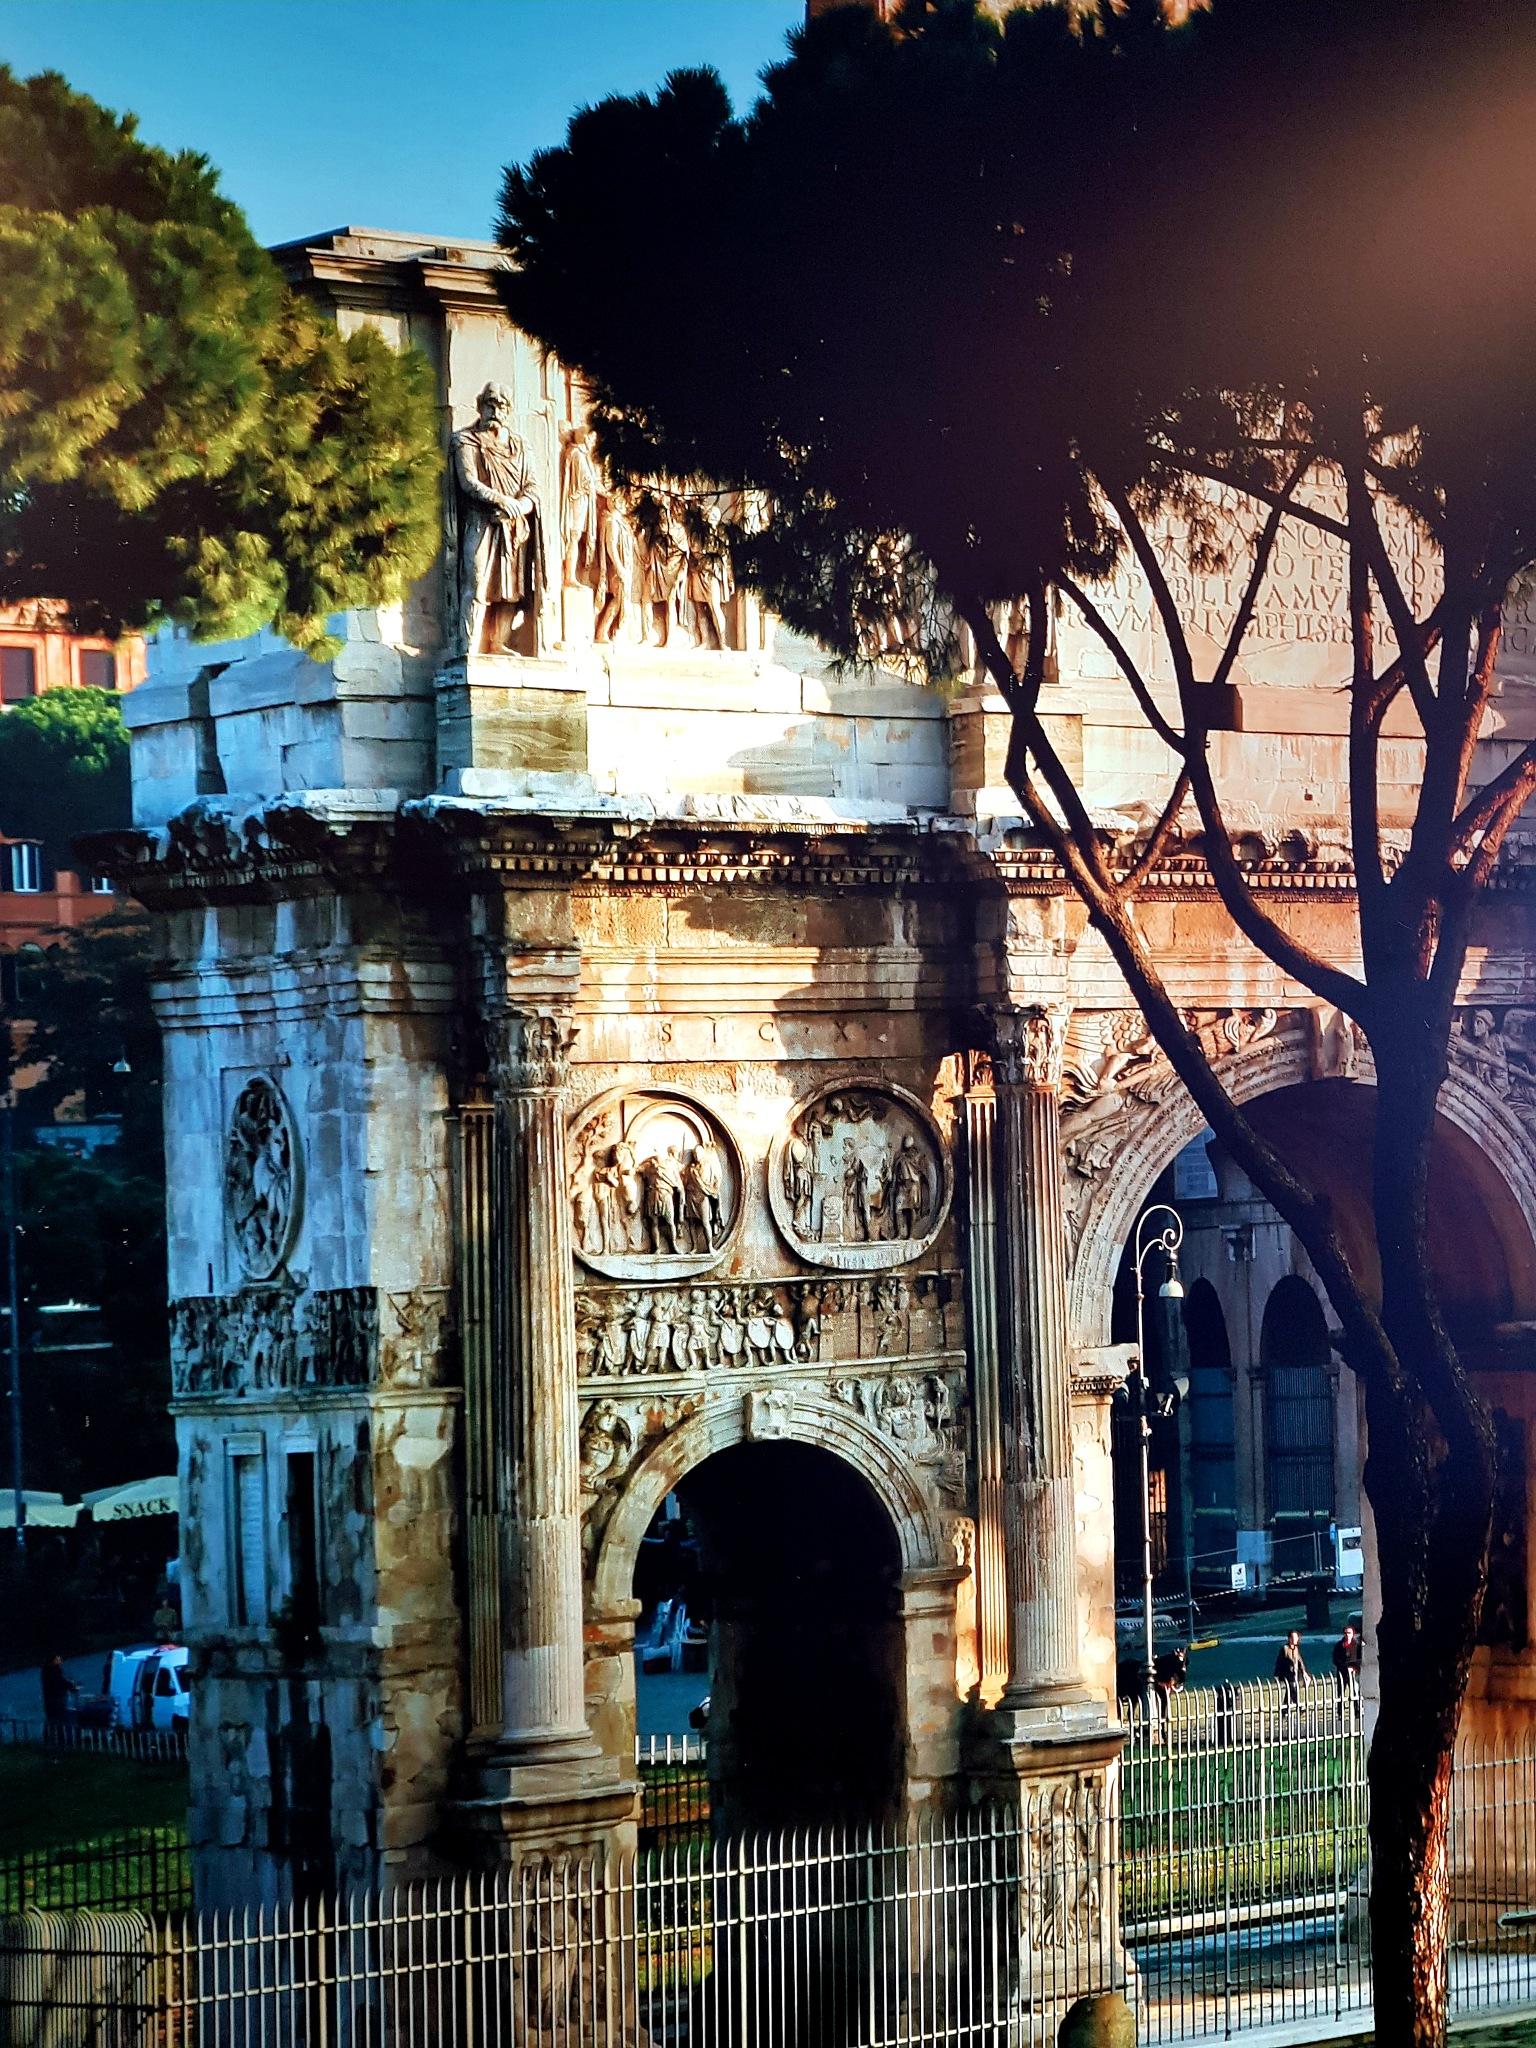 Roma, Italy by Eassa